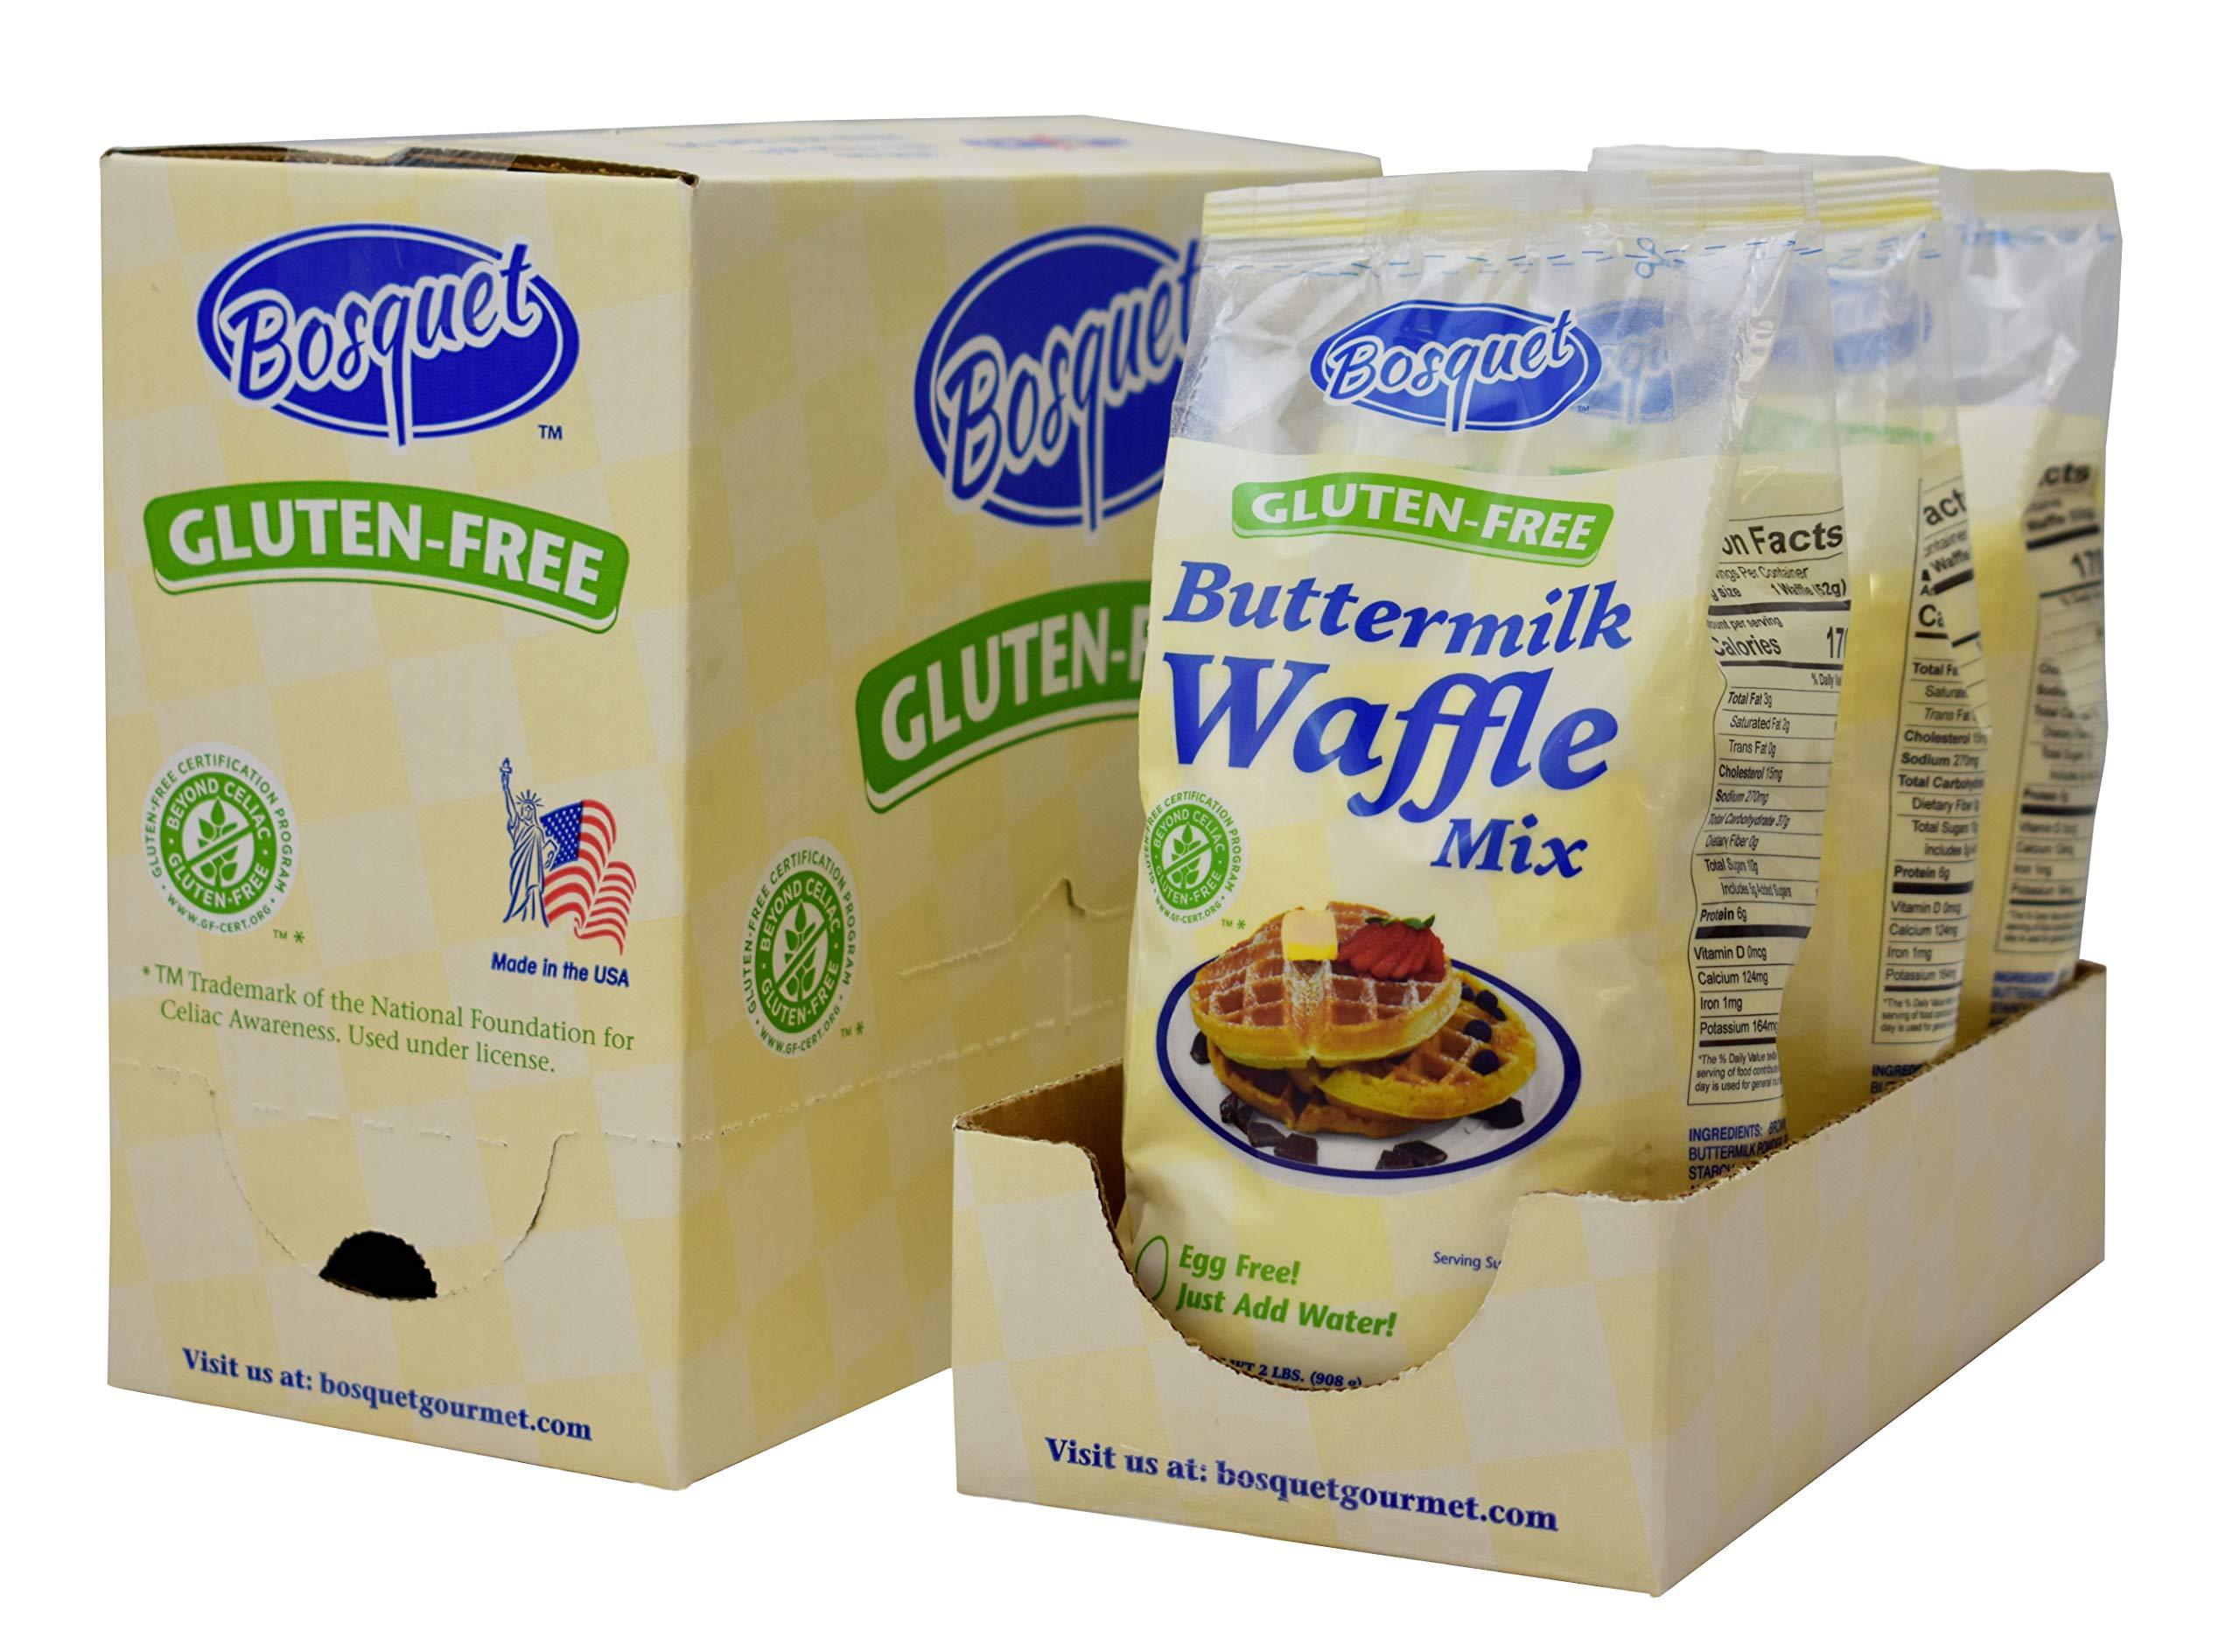 Bosquet Gluten-Free Waffle Mix (Pack of 3) by Bosquet